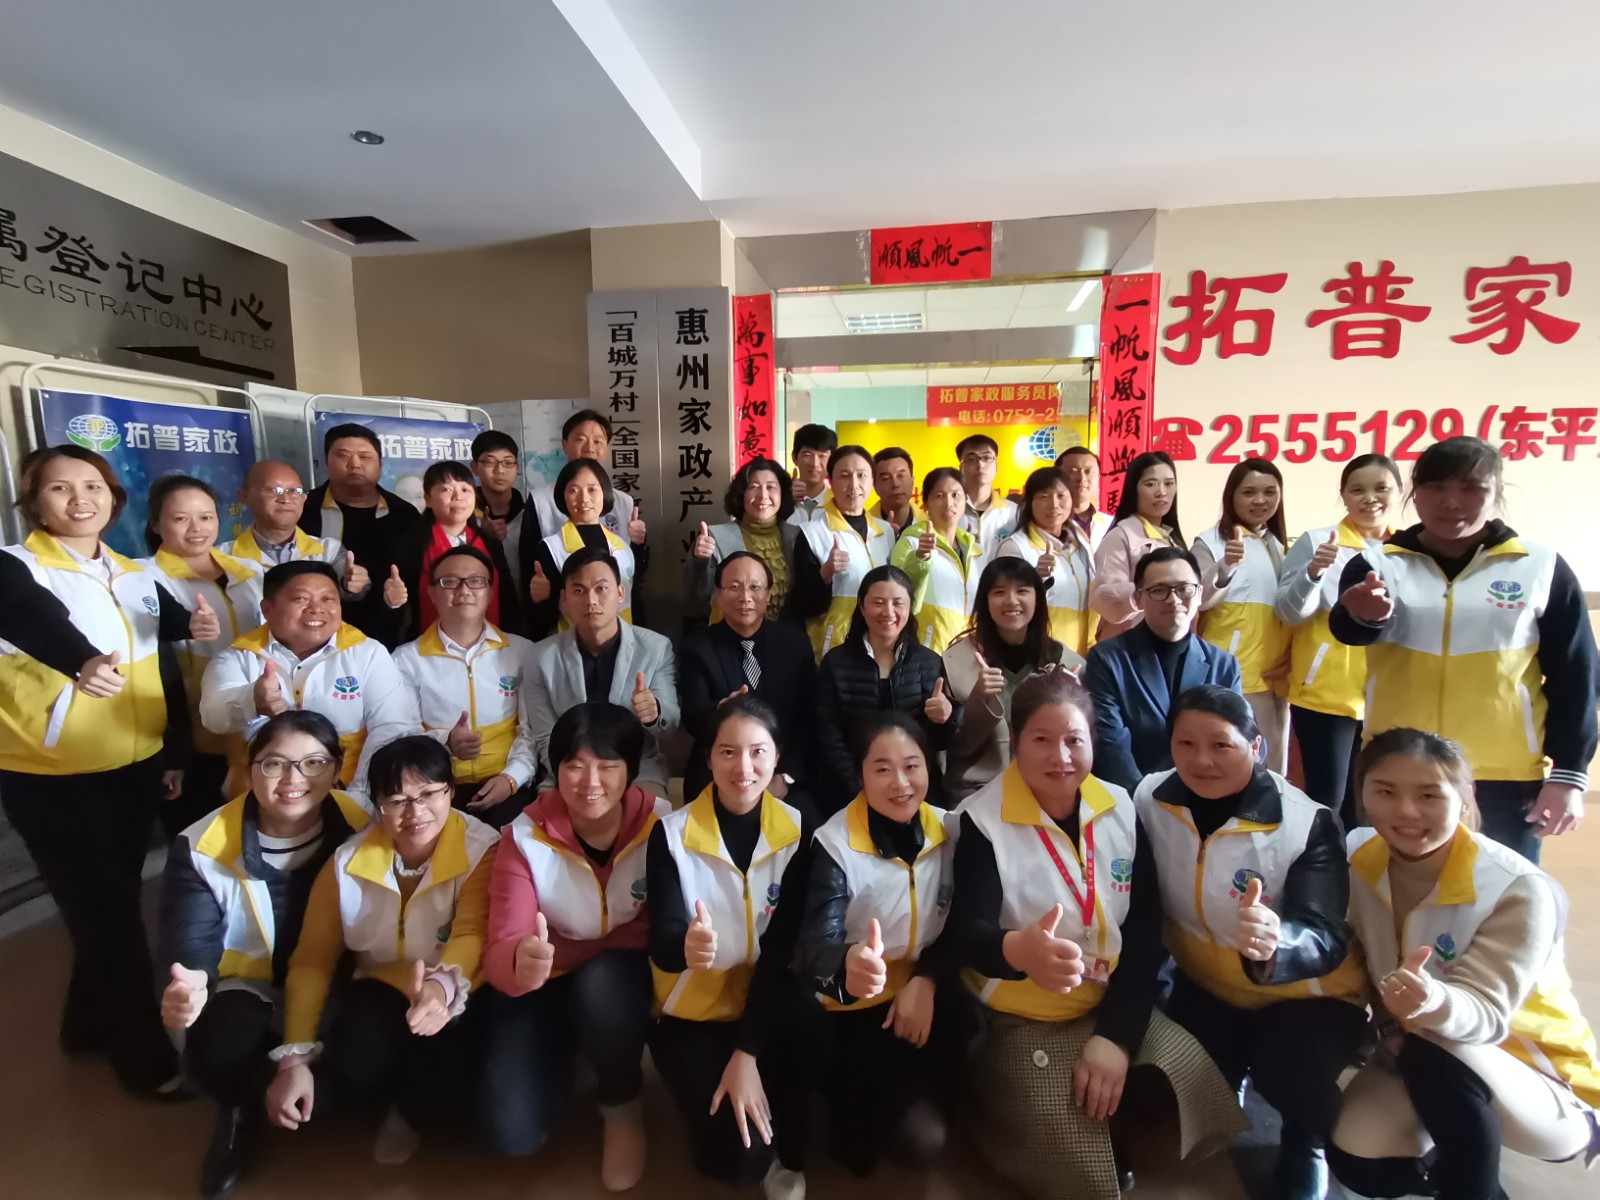 中育为-[其他技能]育婴师培训 惠州居民报名 学费全免